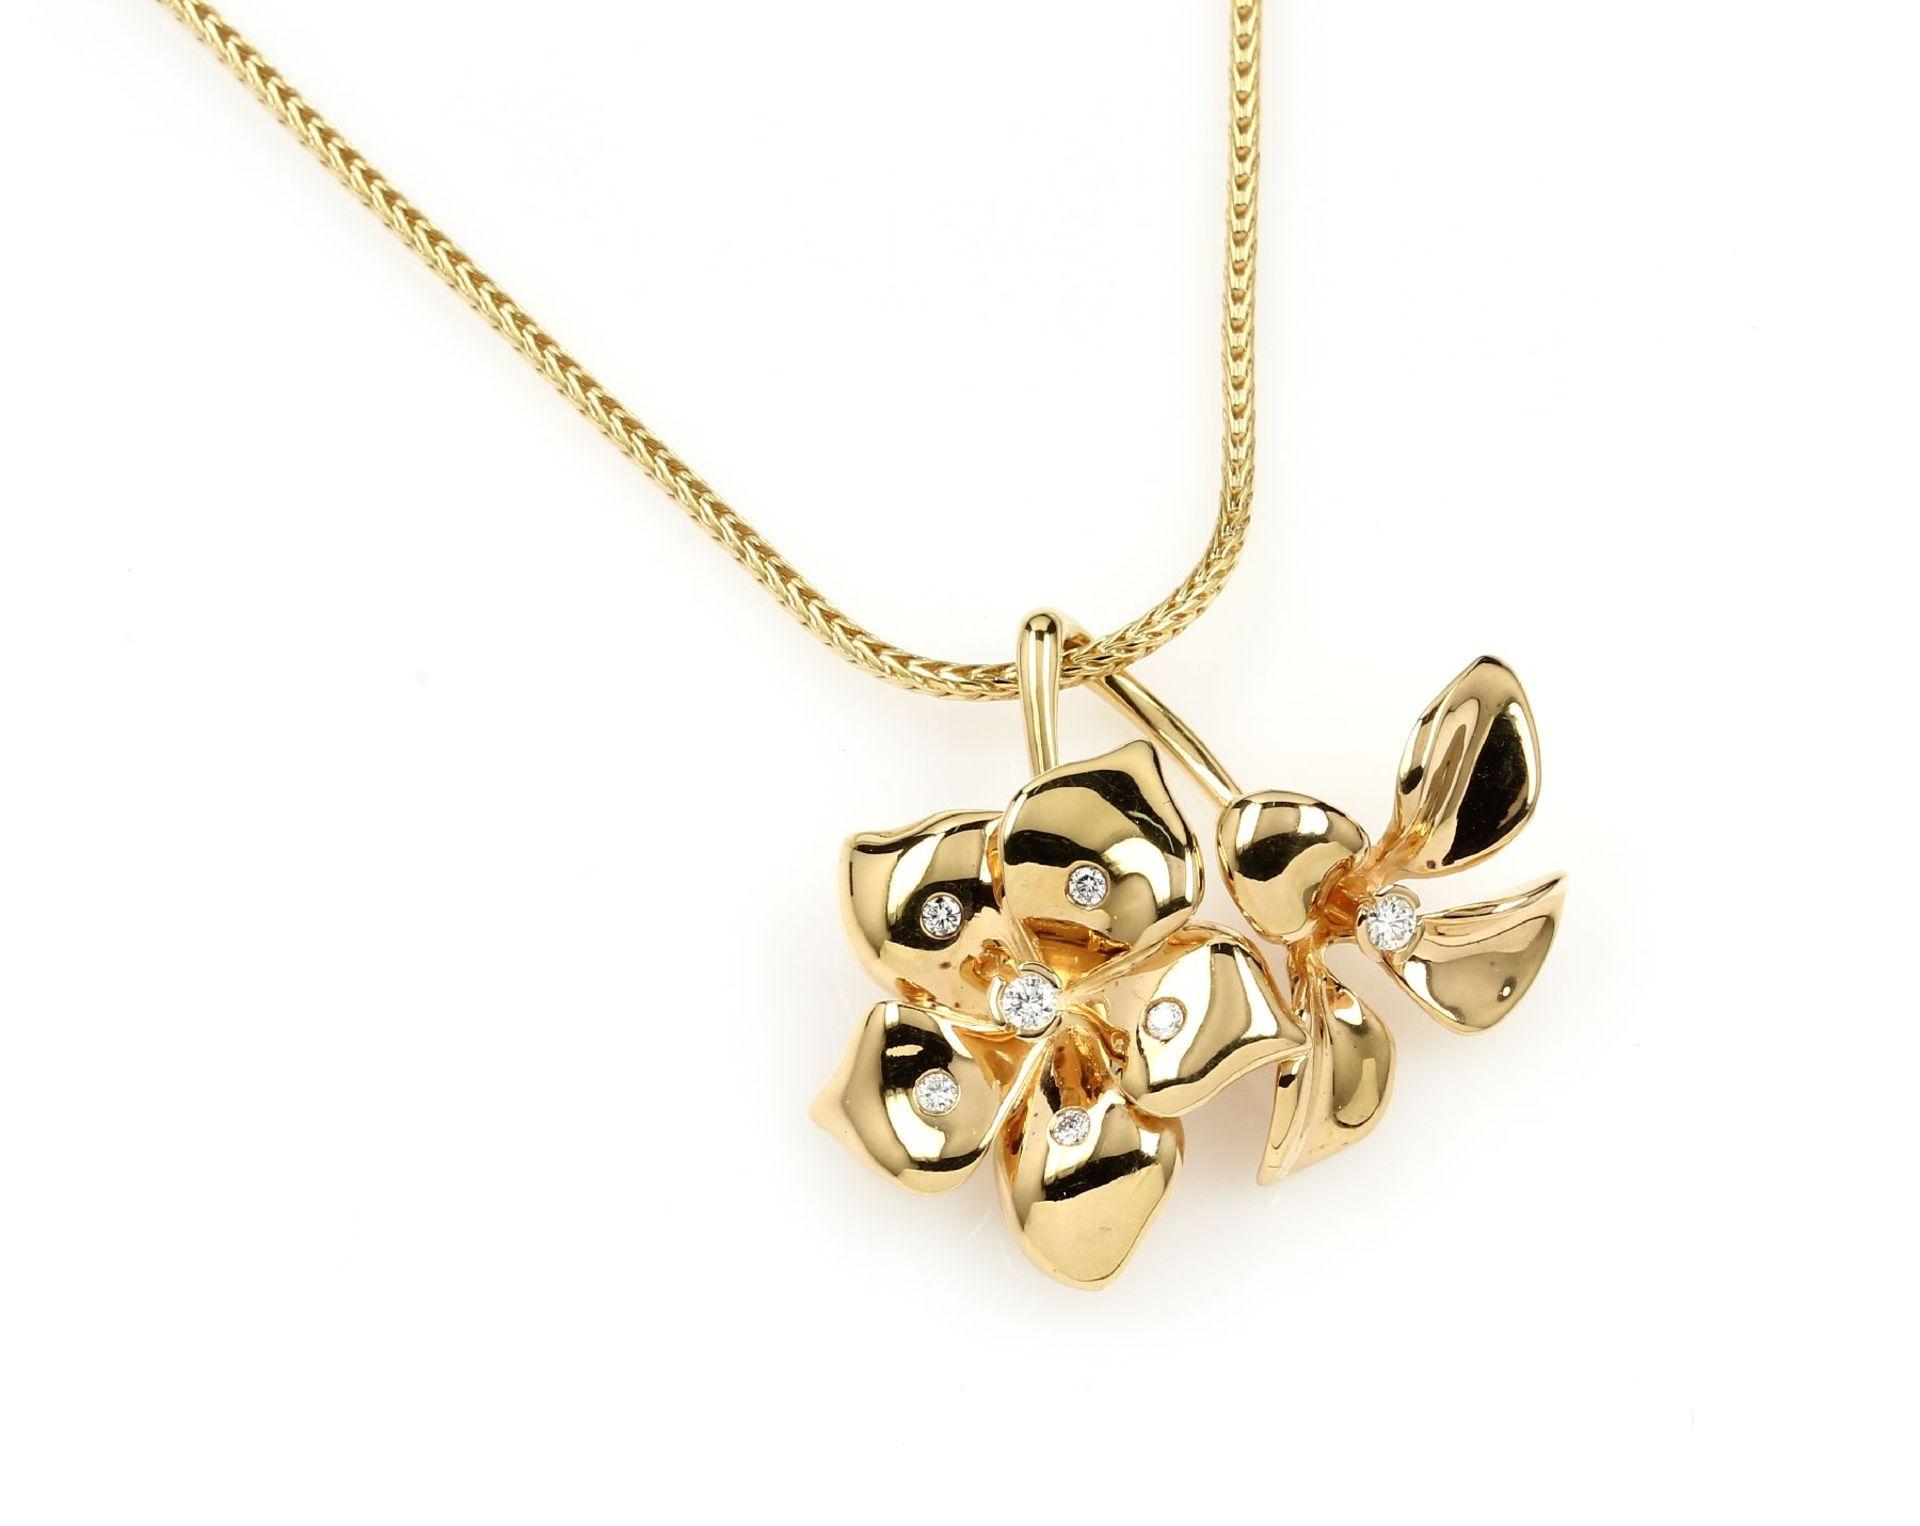 18 kt Gold LÜTH BIJOUX Blütenanhänger mit Brillanten, GG 750/000, naturalistische Darstellung, 7